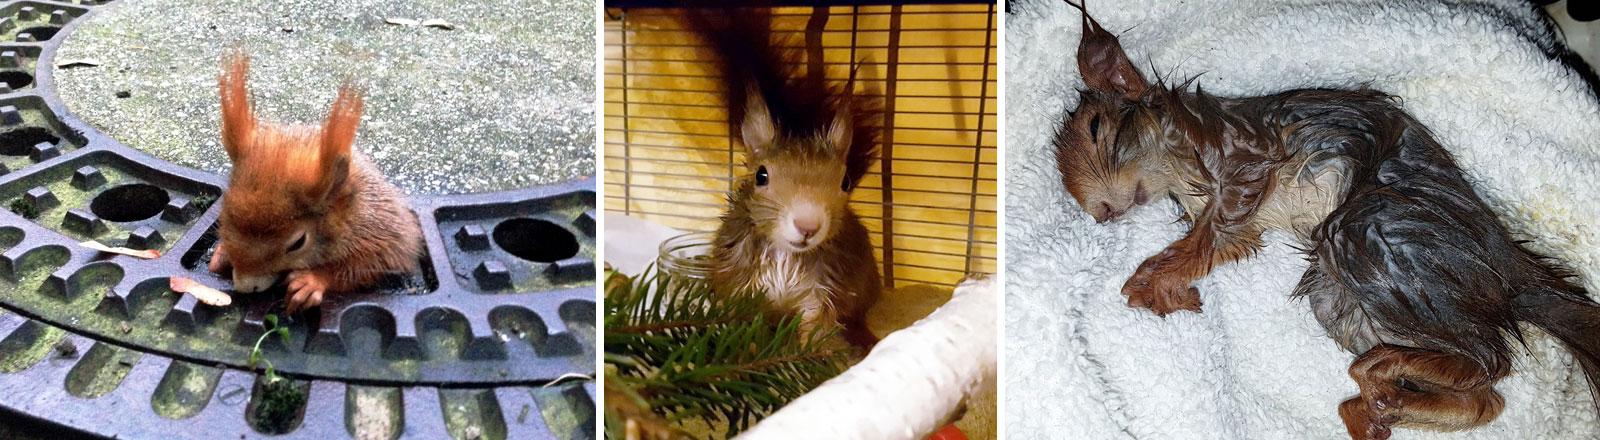 Ein Eichhörnchen steckt in einem Gullydeckel fest.